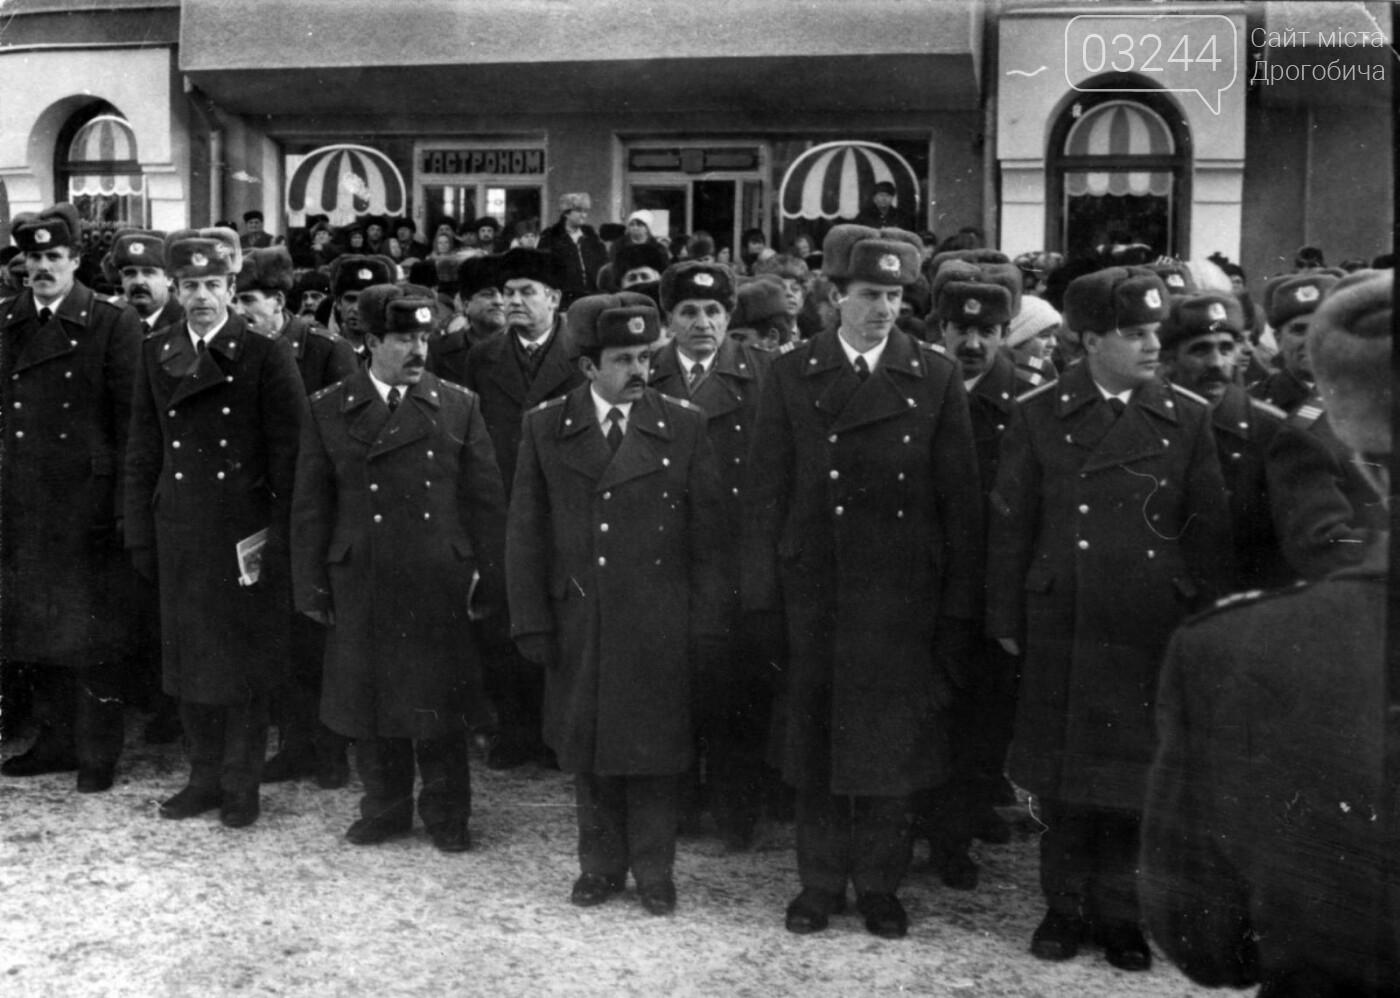 Історичний день: 30 років тому міліція Дрогобича одна з перших в СРСР присягнула на вірність Україні, фото-3